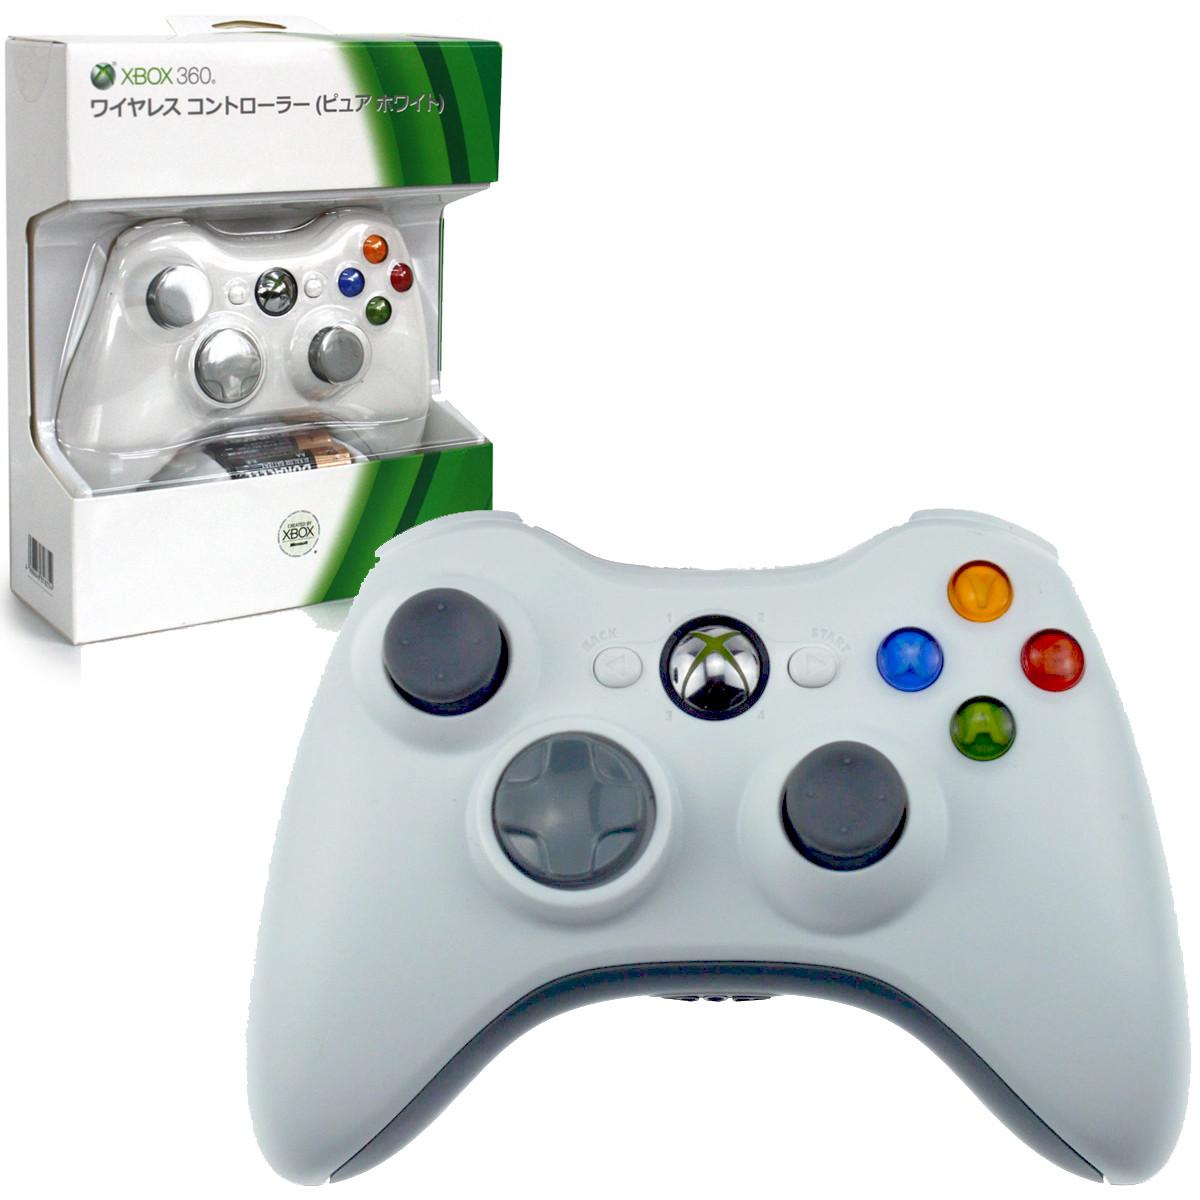 Беспроводной геймпад джойстик XBOX360, PS3, PC, Android игровой контроллер Белый